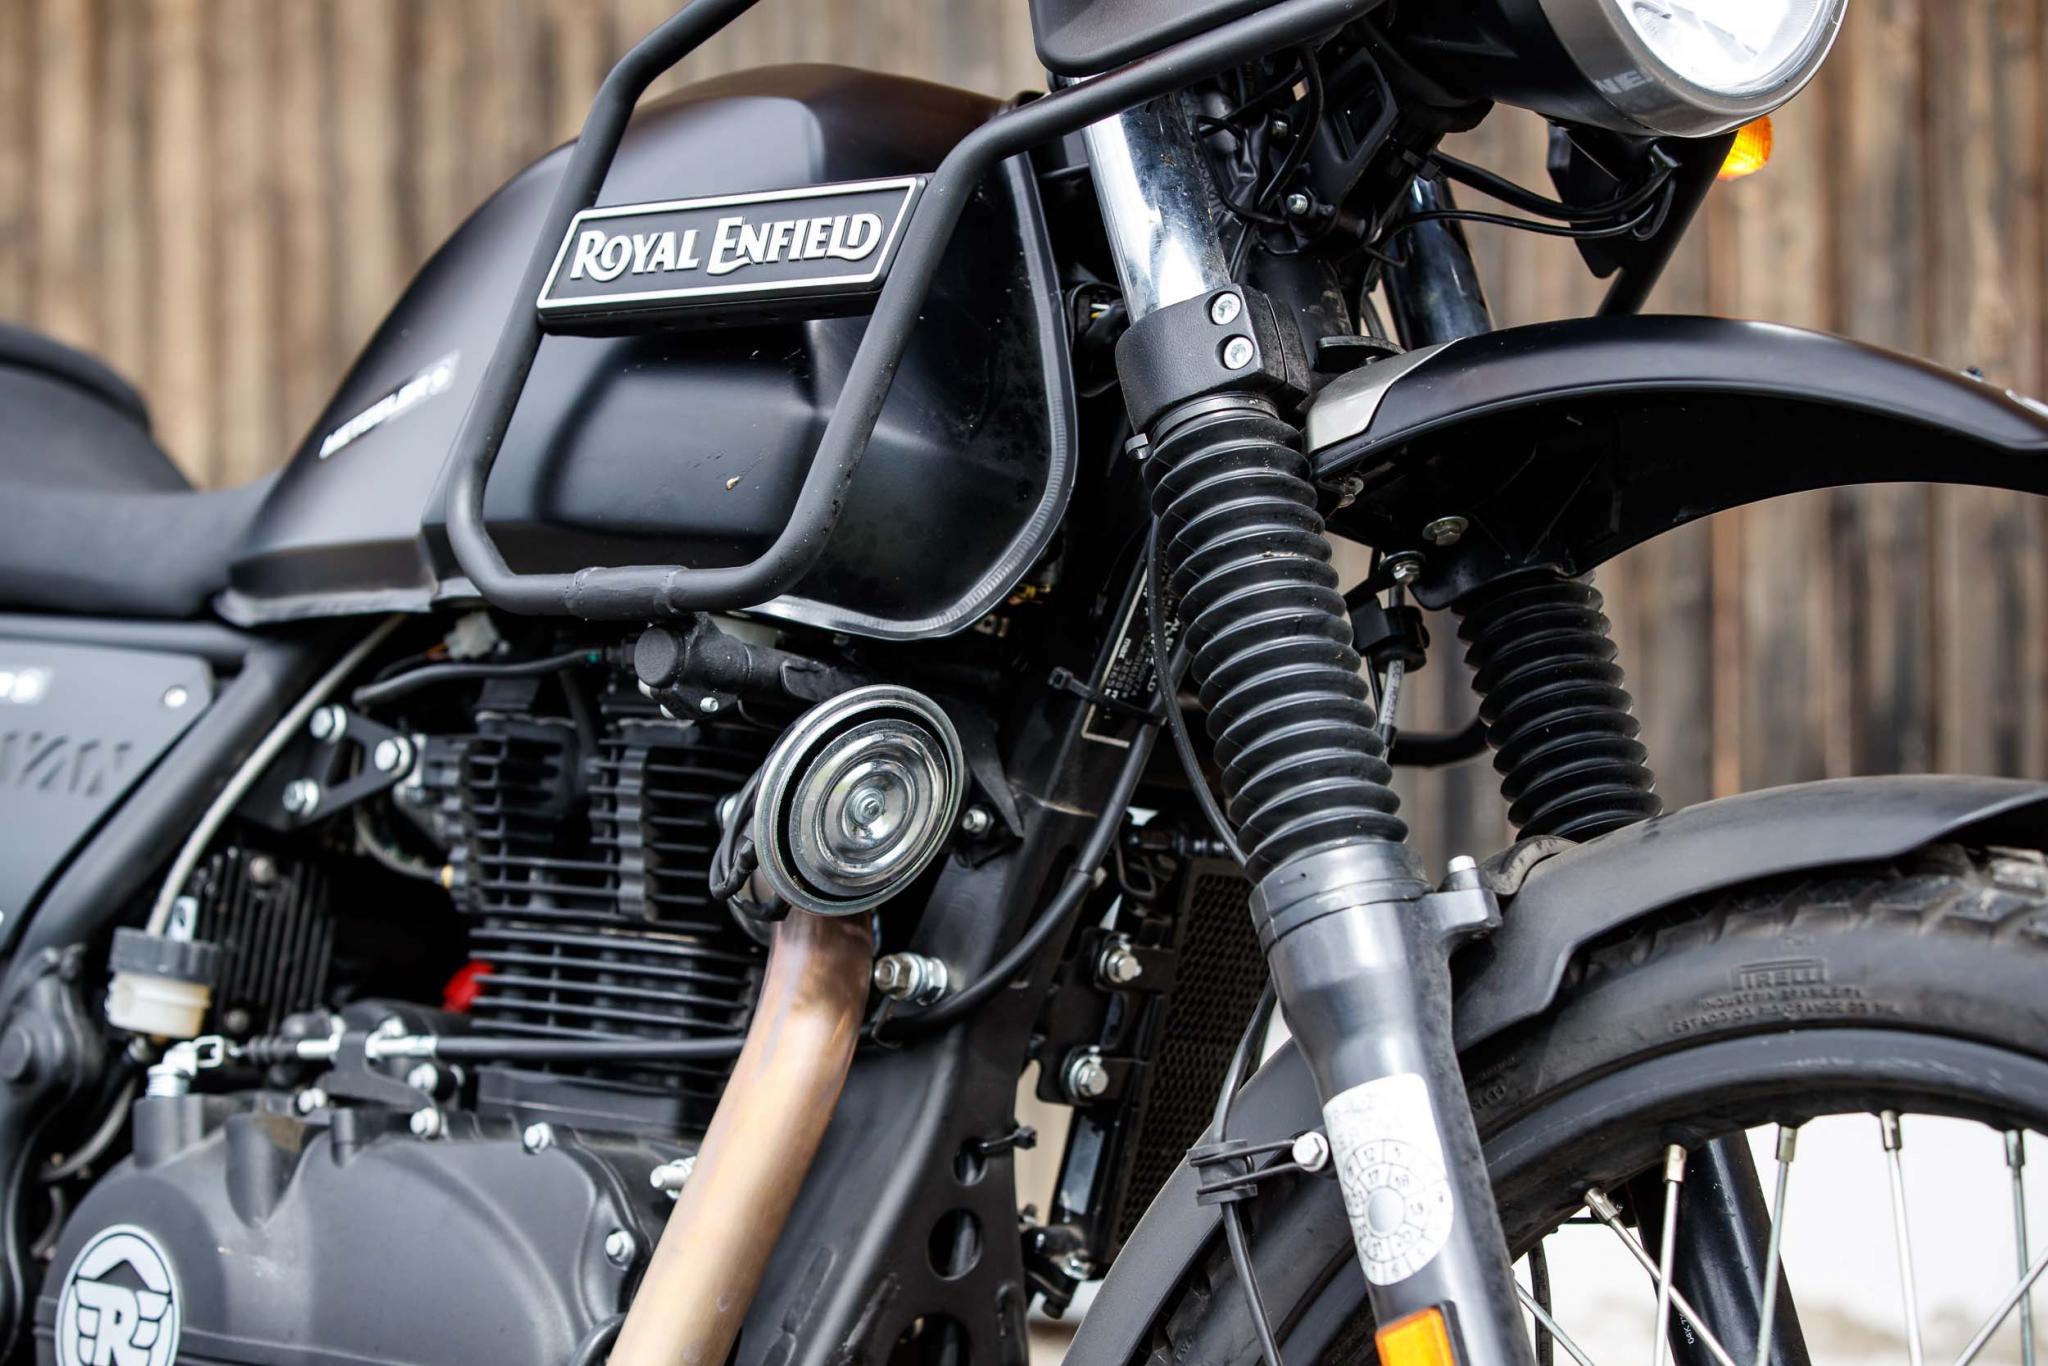 Retrobike 2018 Vergleich Royal Enfield Himalayan Testbericht